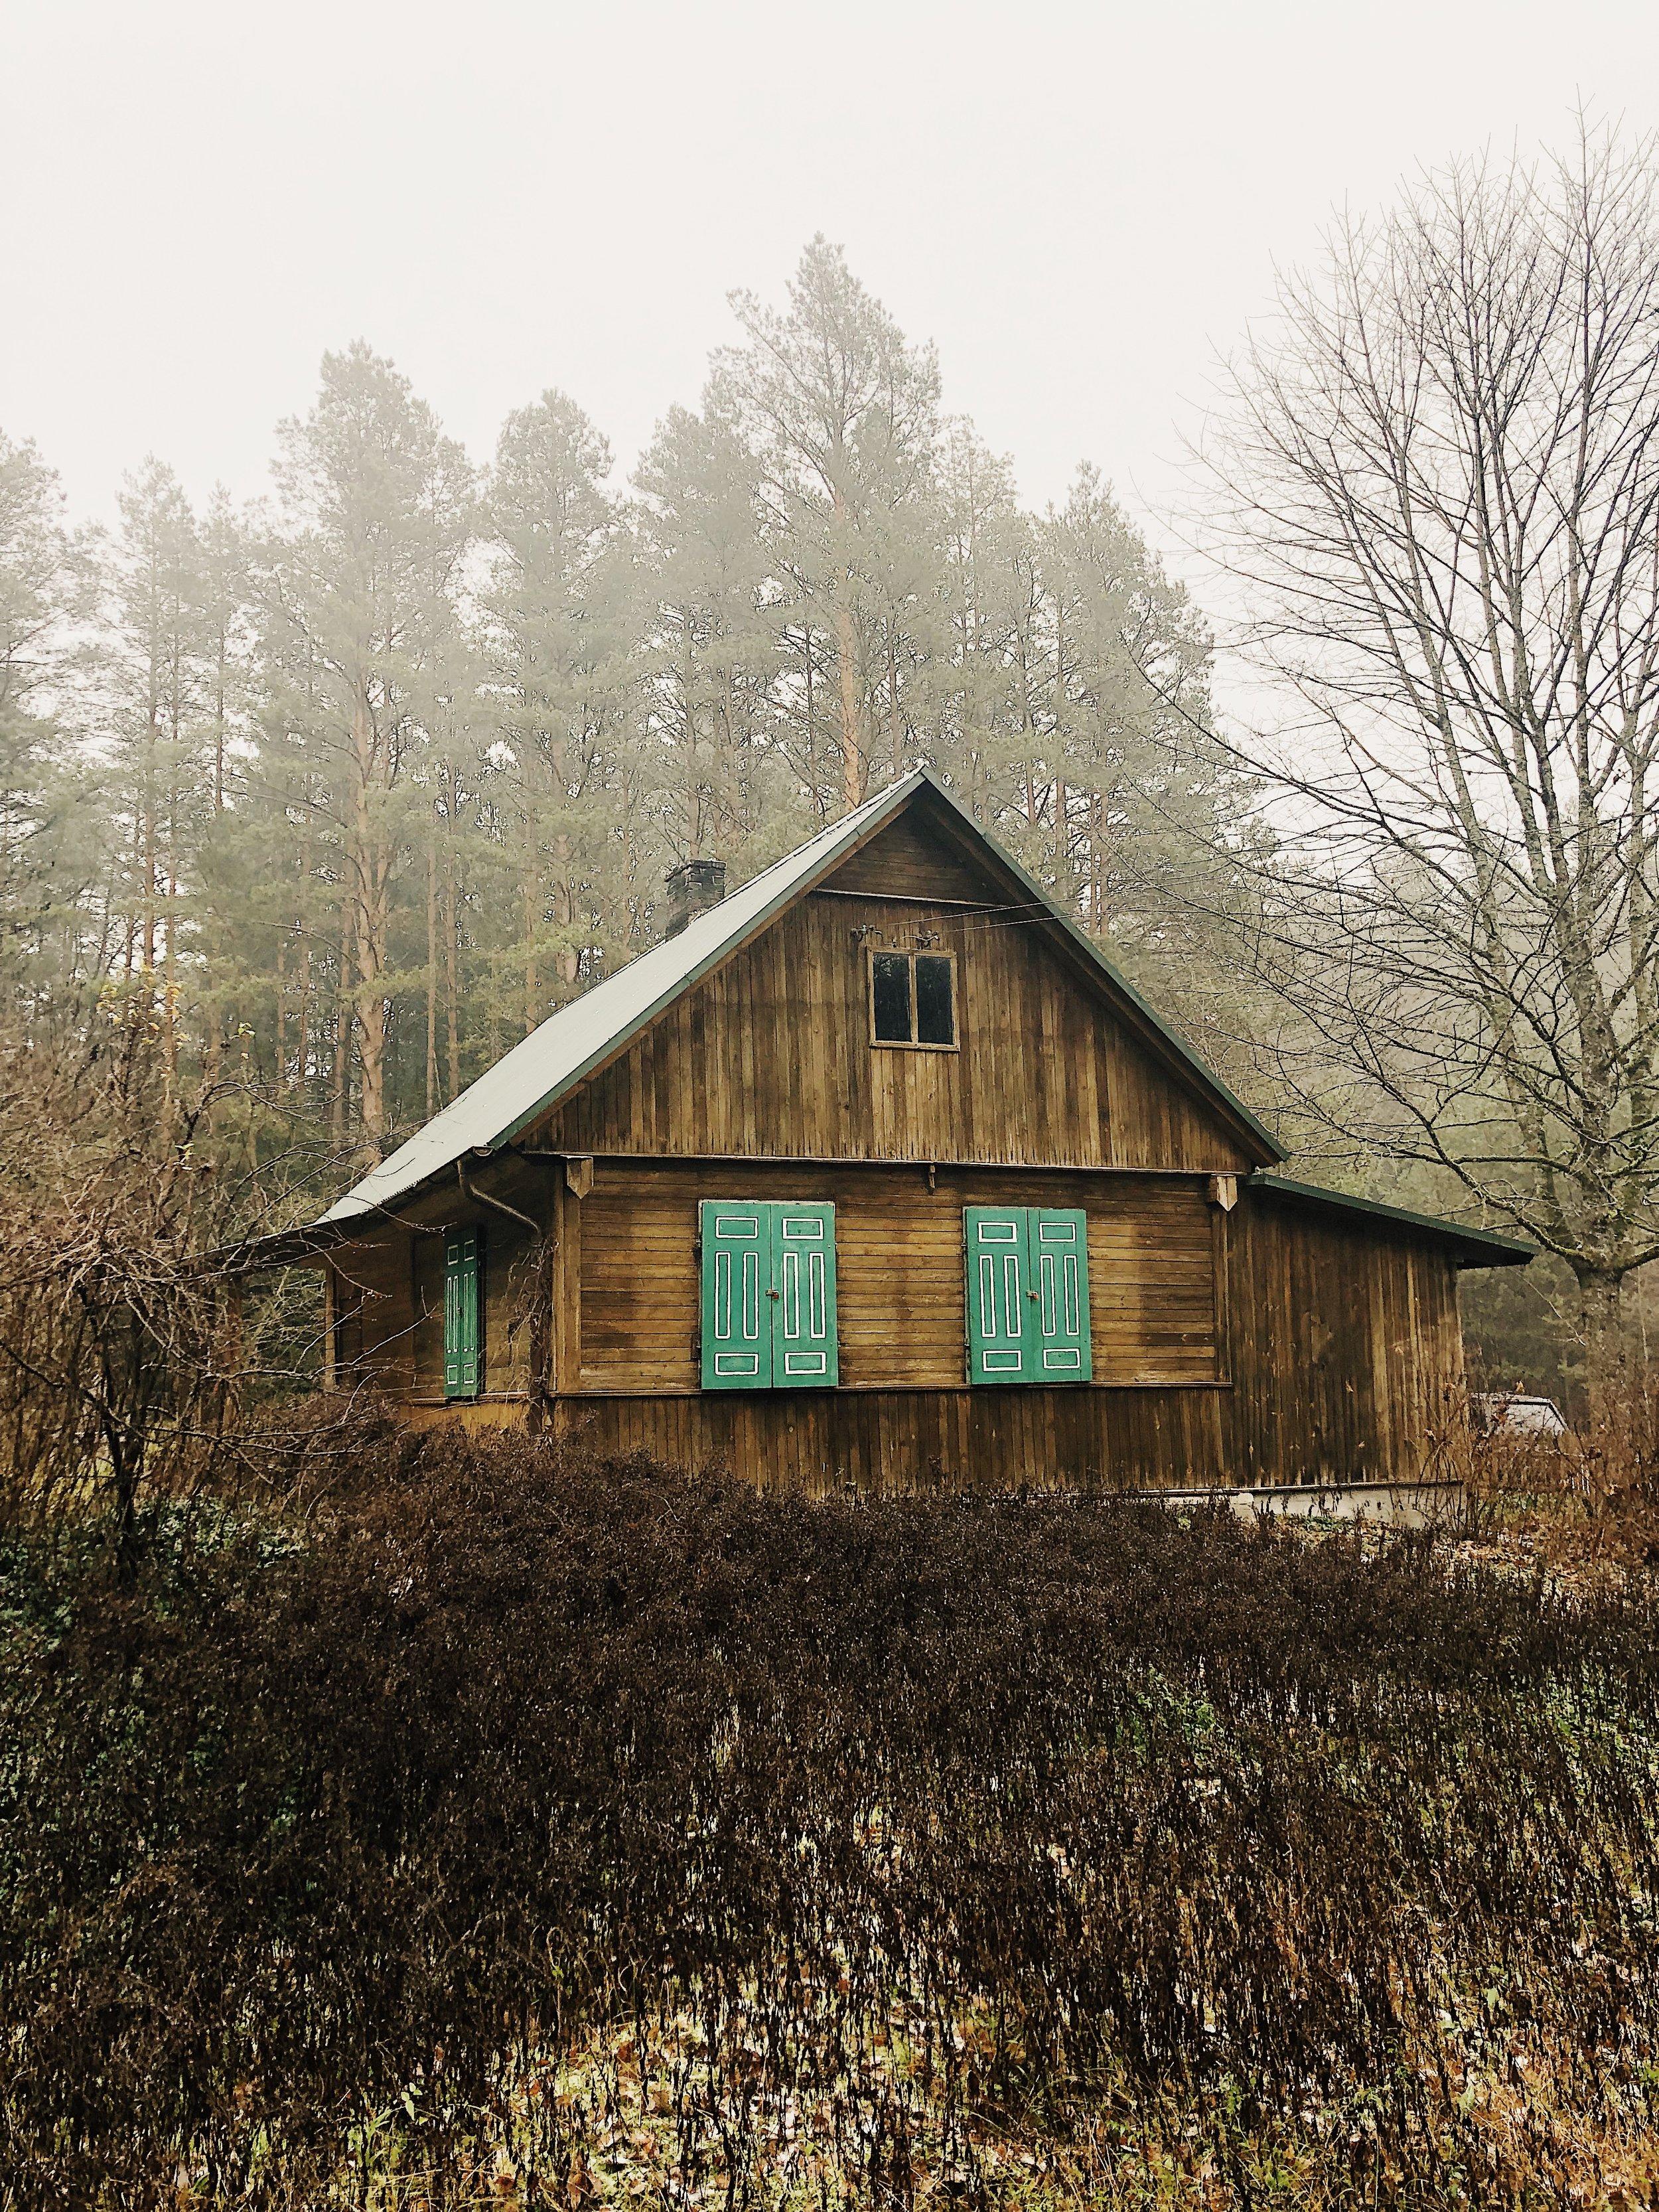 Widok na dom z lasu, bo innego widoku nie ma :D